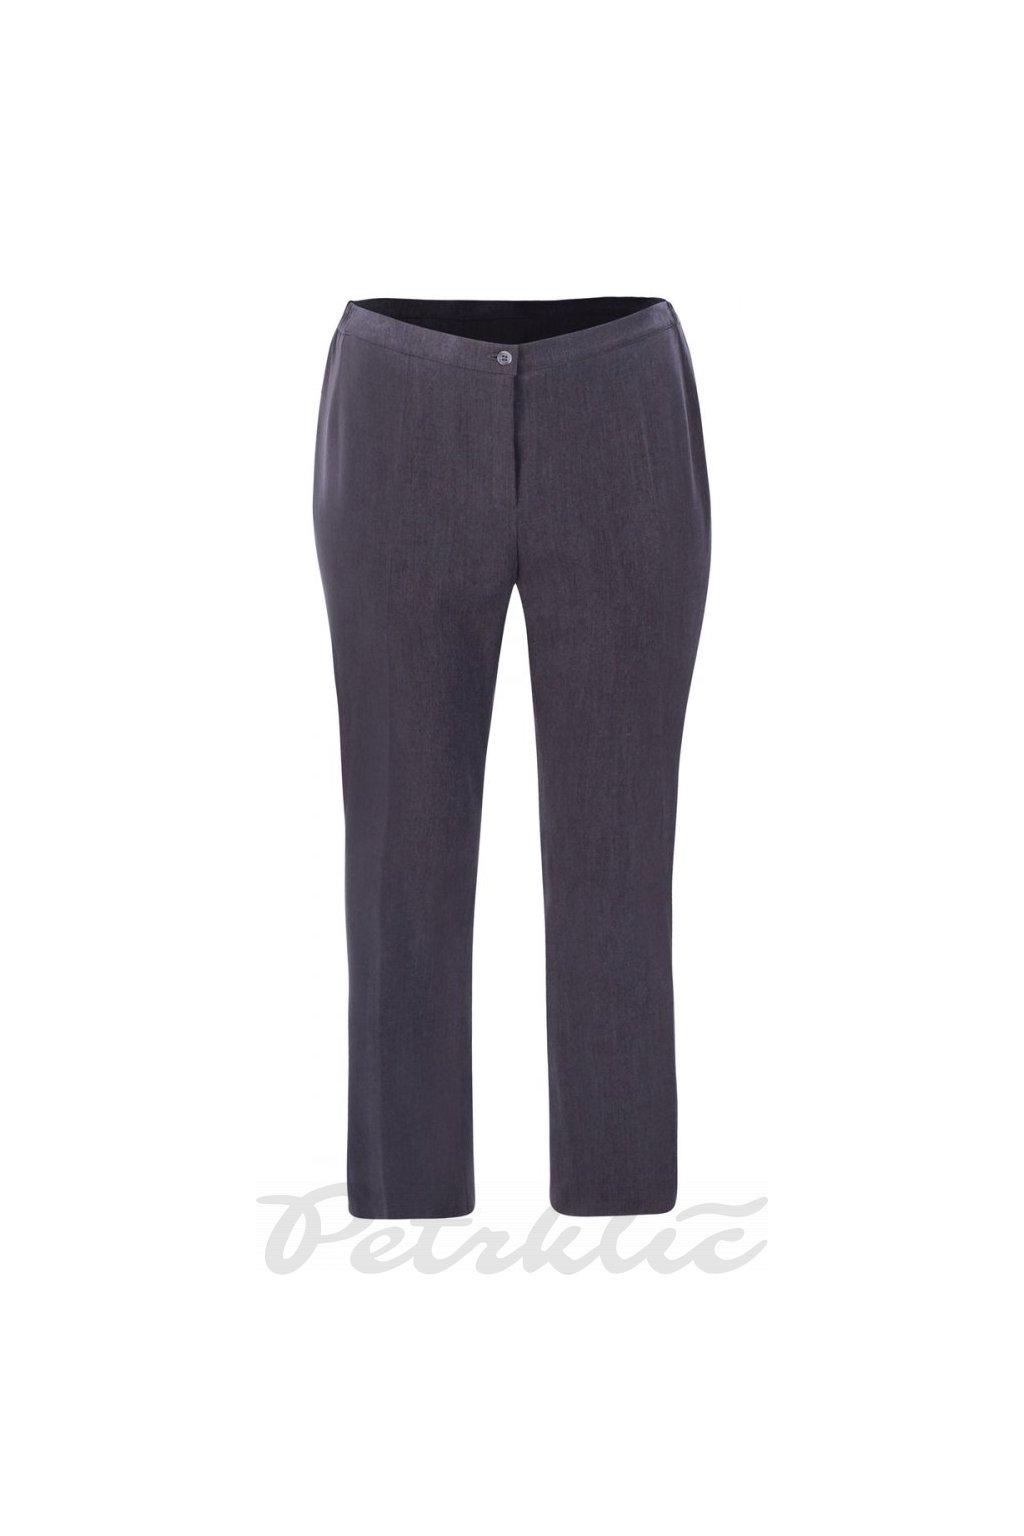 ALEX - kalhoty vnitřní 78 cm